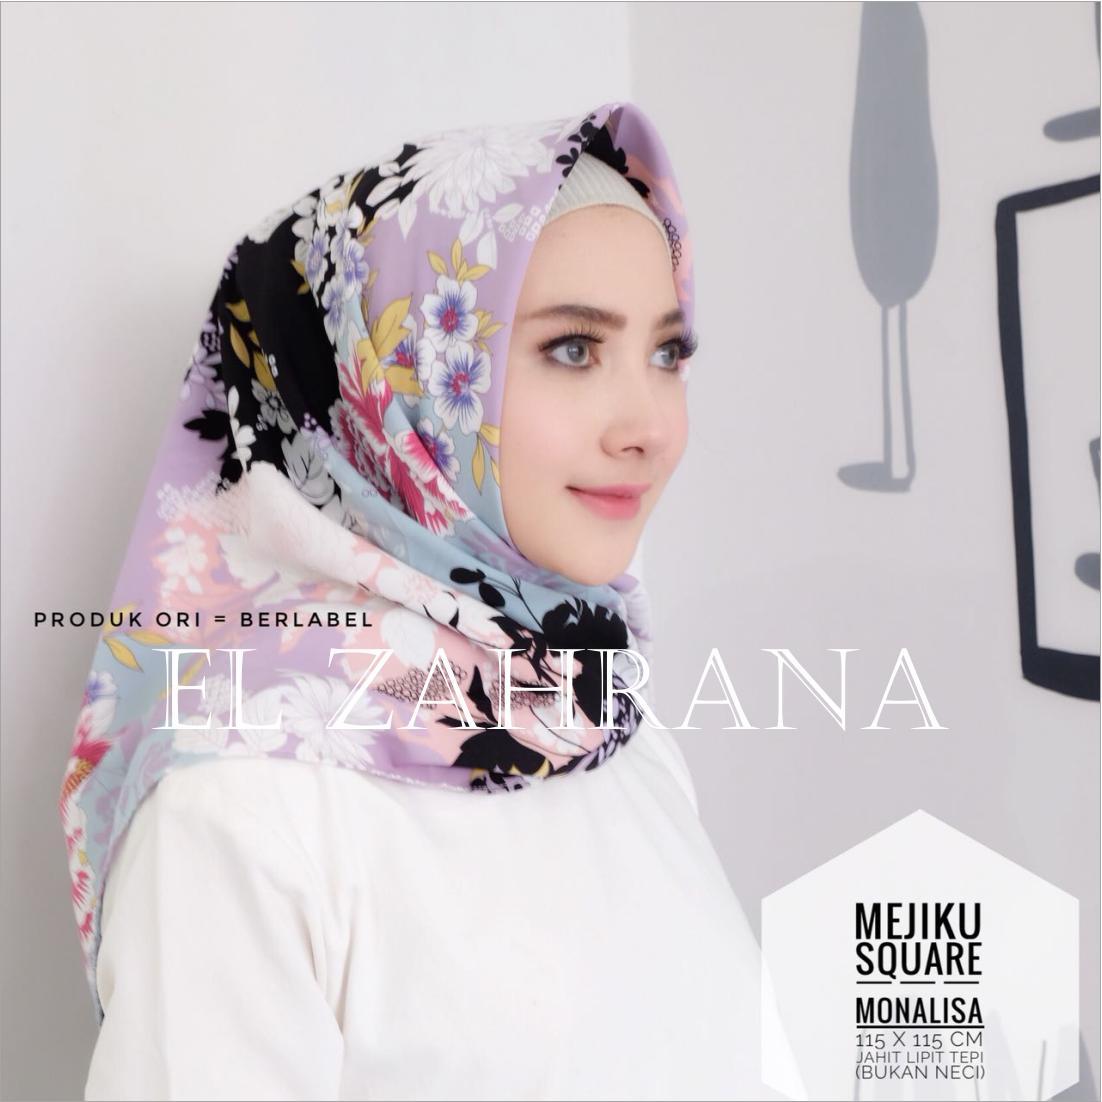 El Zahrana Kerudung Segi Empat - Jilbab Segi Empat - Hijab Segi Empat - Jilbab Motif